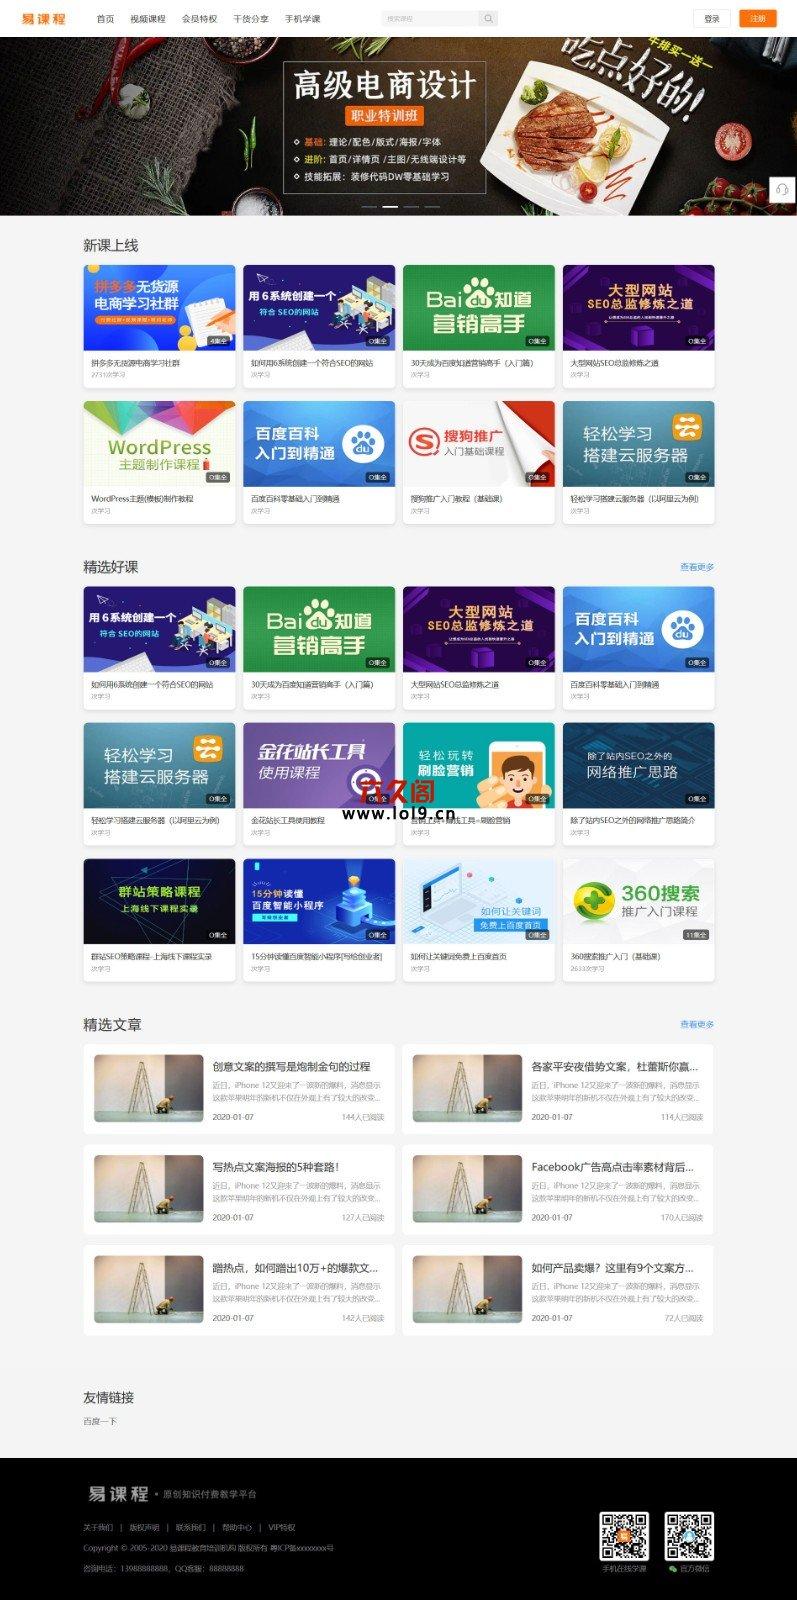 织梦在线视频教育知识付费源码,已集成支付功能(带手机会员中心带分销系统)